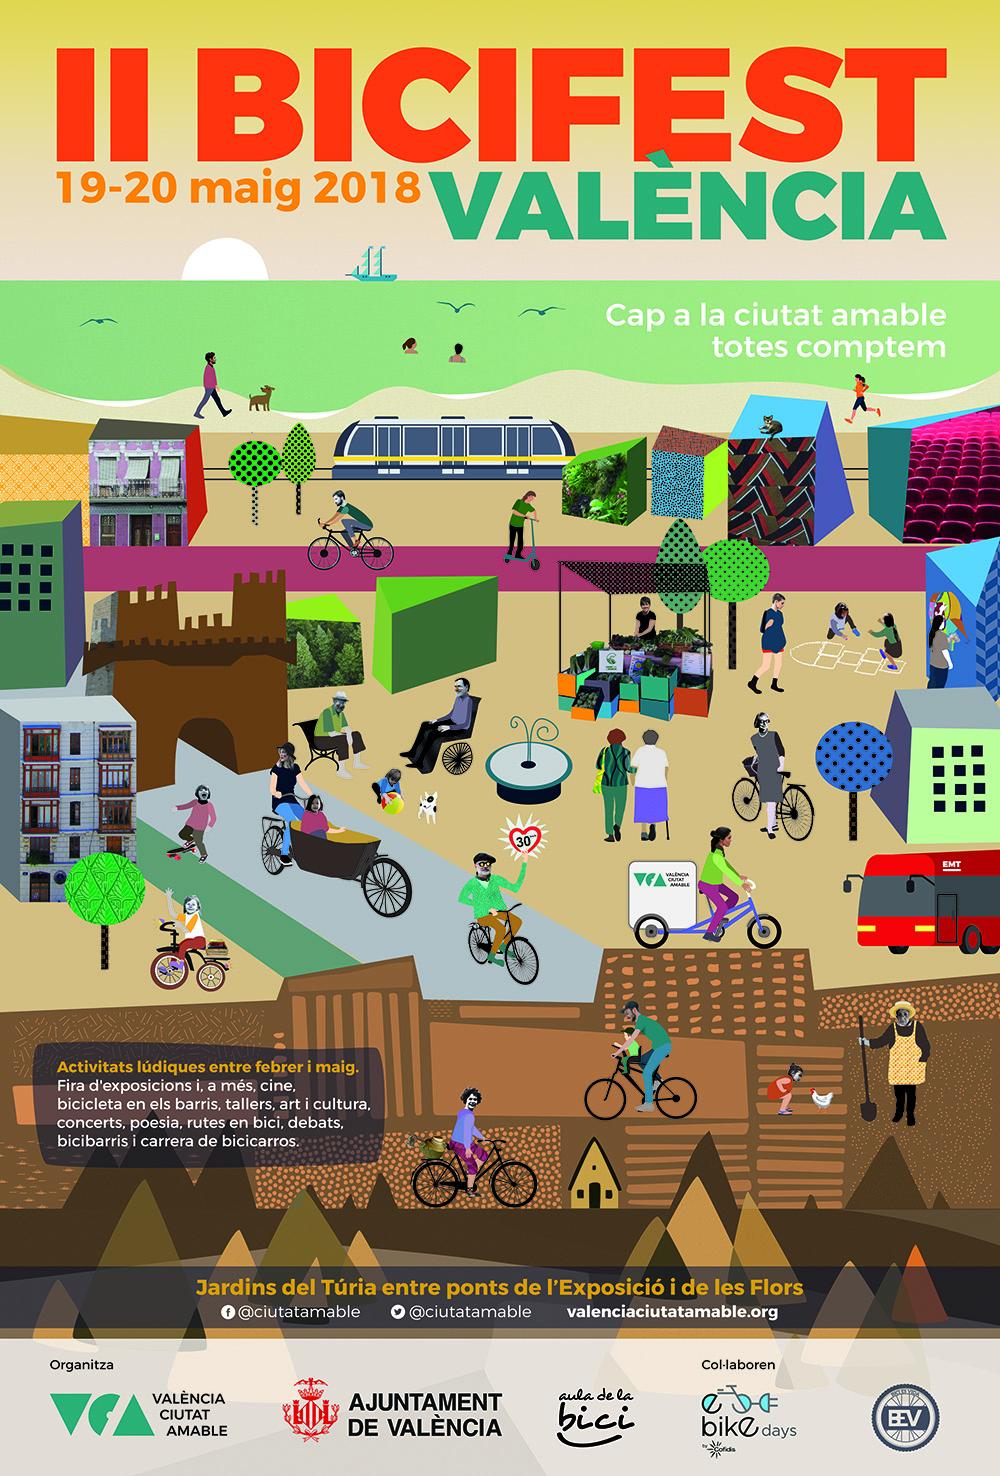 Pinksterweekend-Valencia-Bicifest